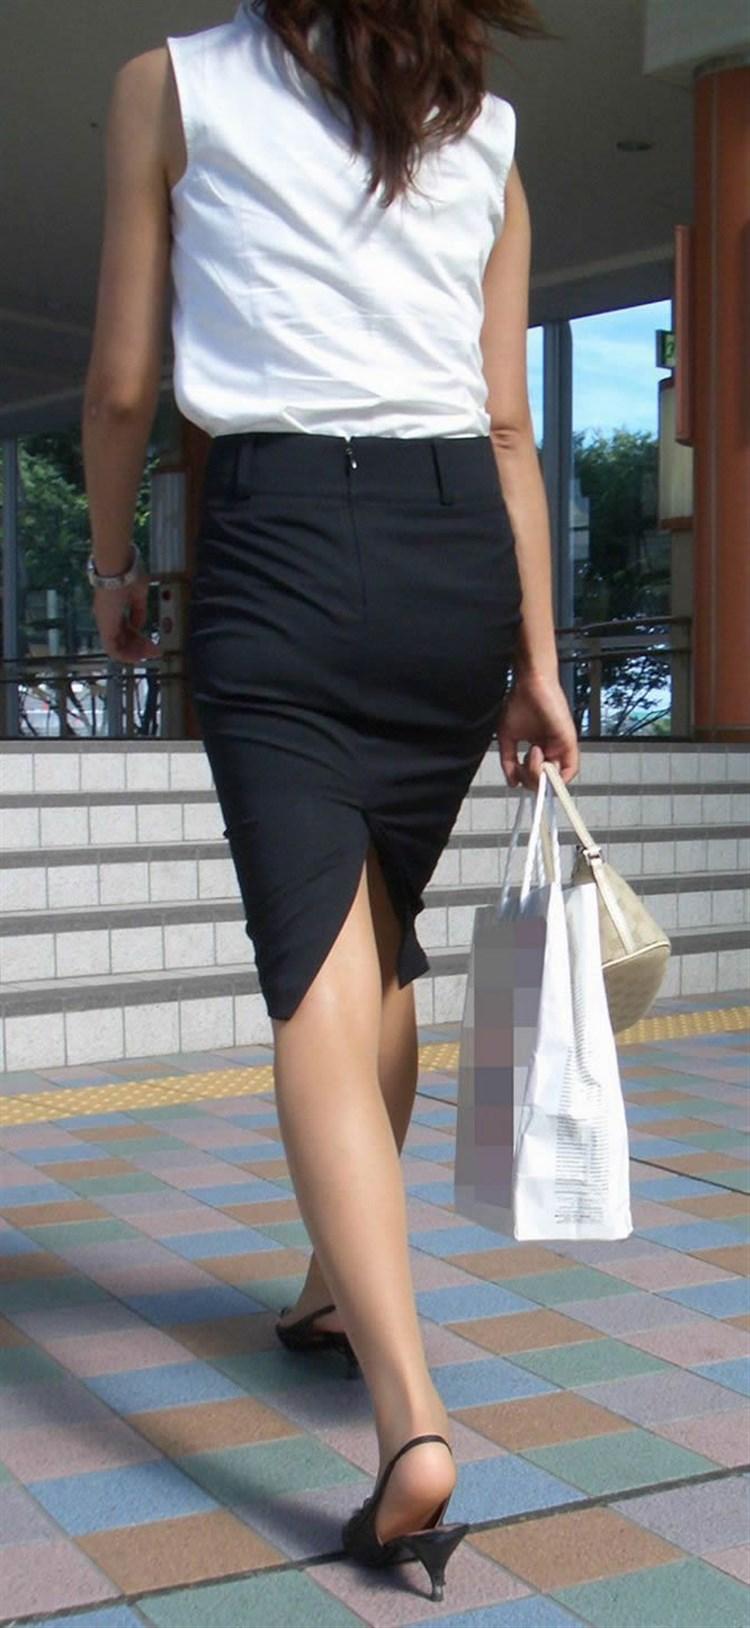 素人OLがミニタイトスカートで美脚挑発する誘惑的エロ画像8枚目